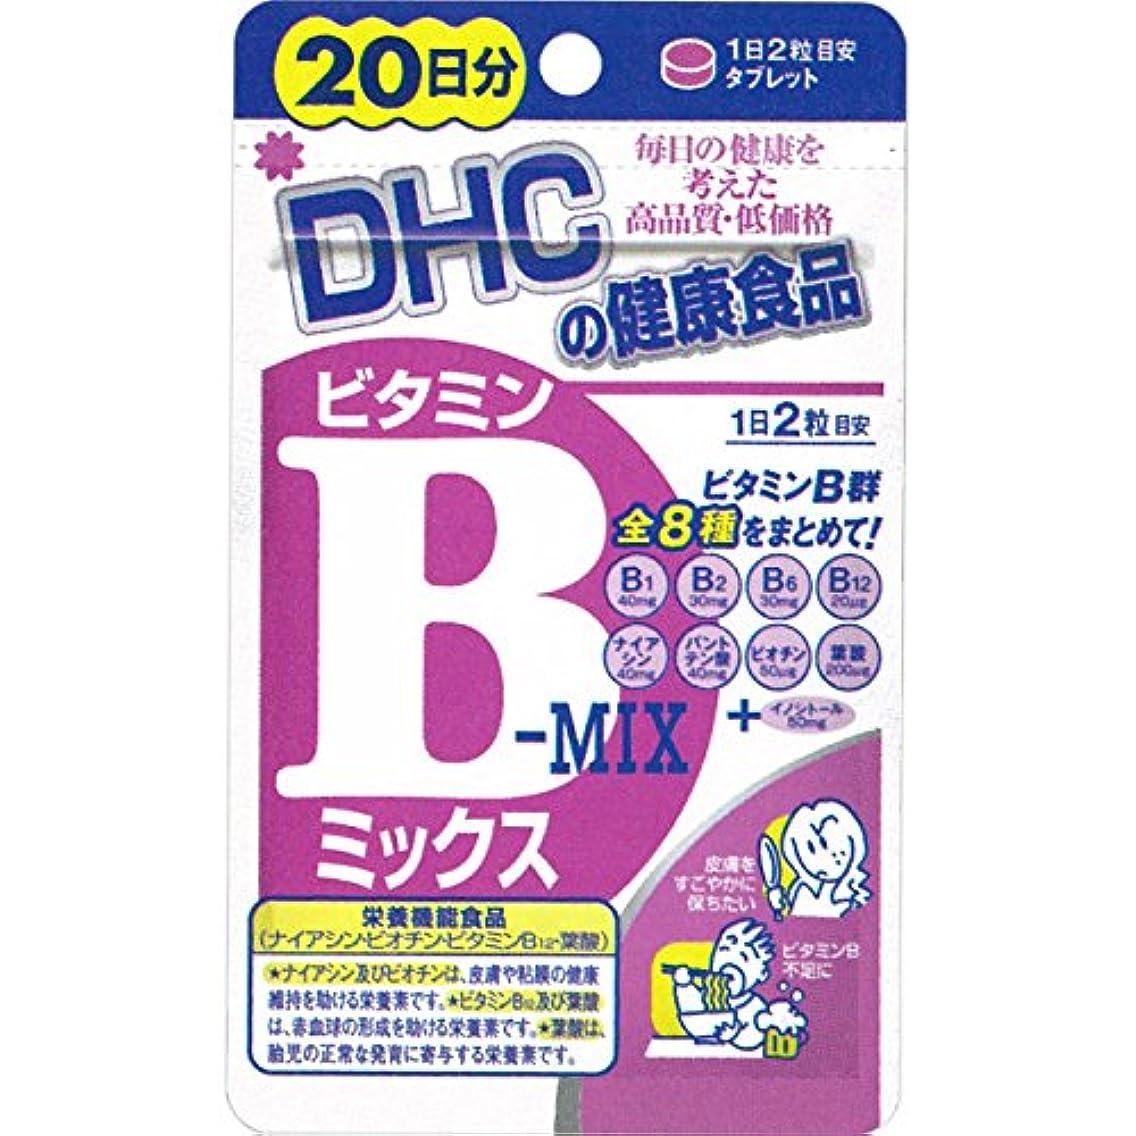 壊れた早める中央値DHC(ディーエイチシー) サプリメント DHC ビタミンB MIX 20日分